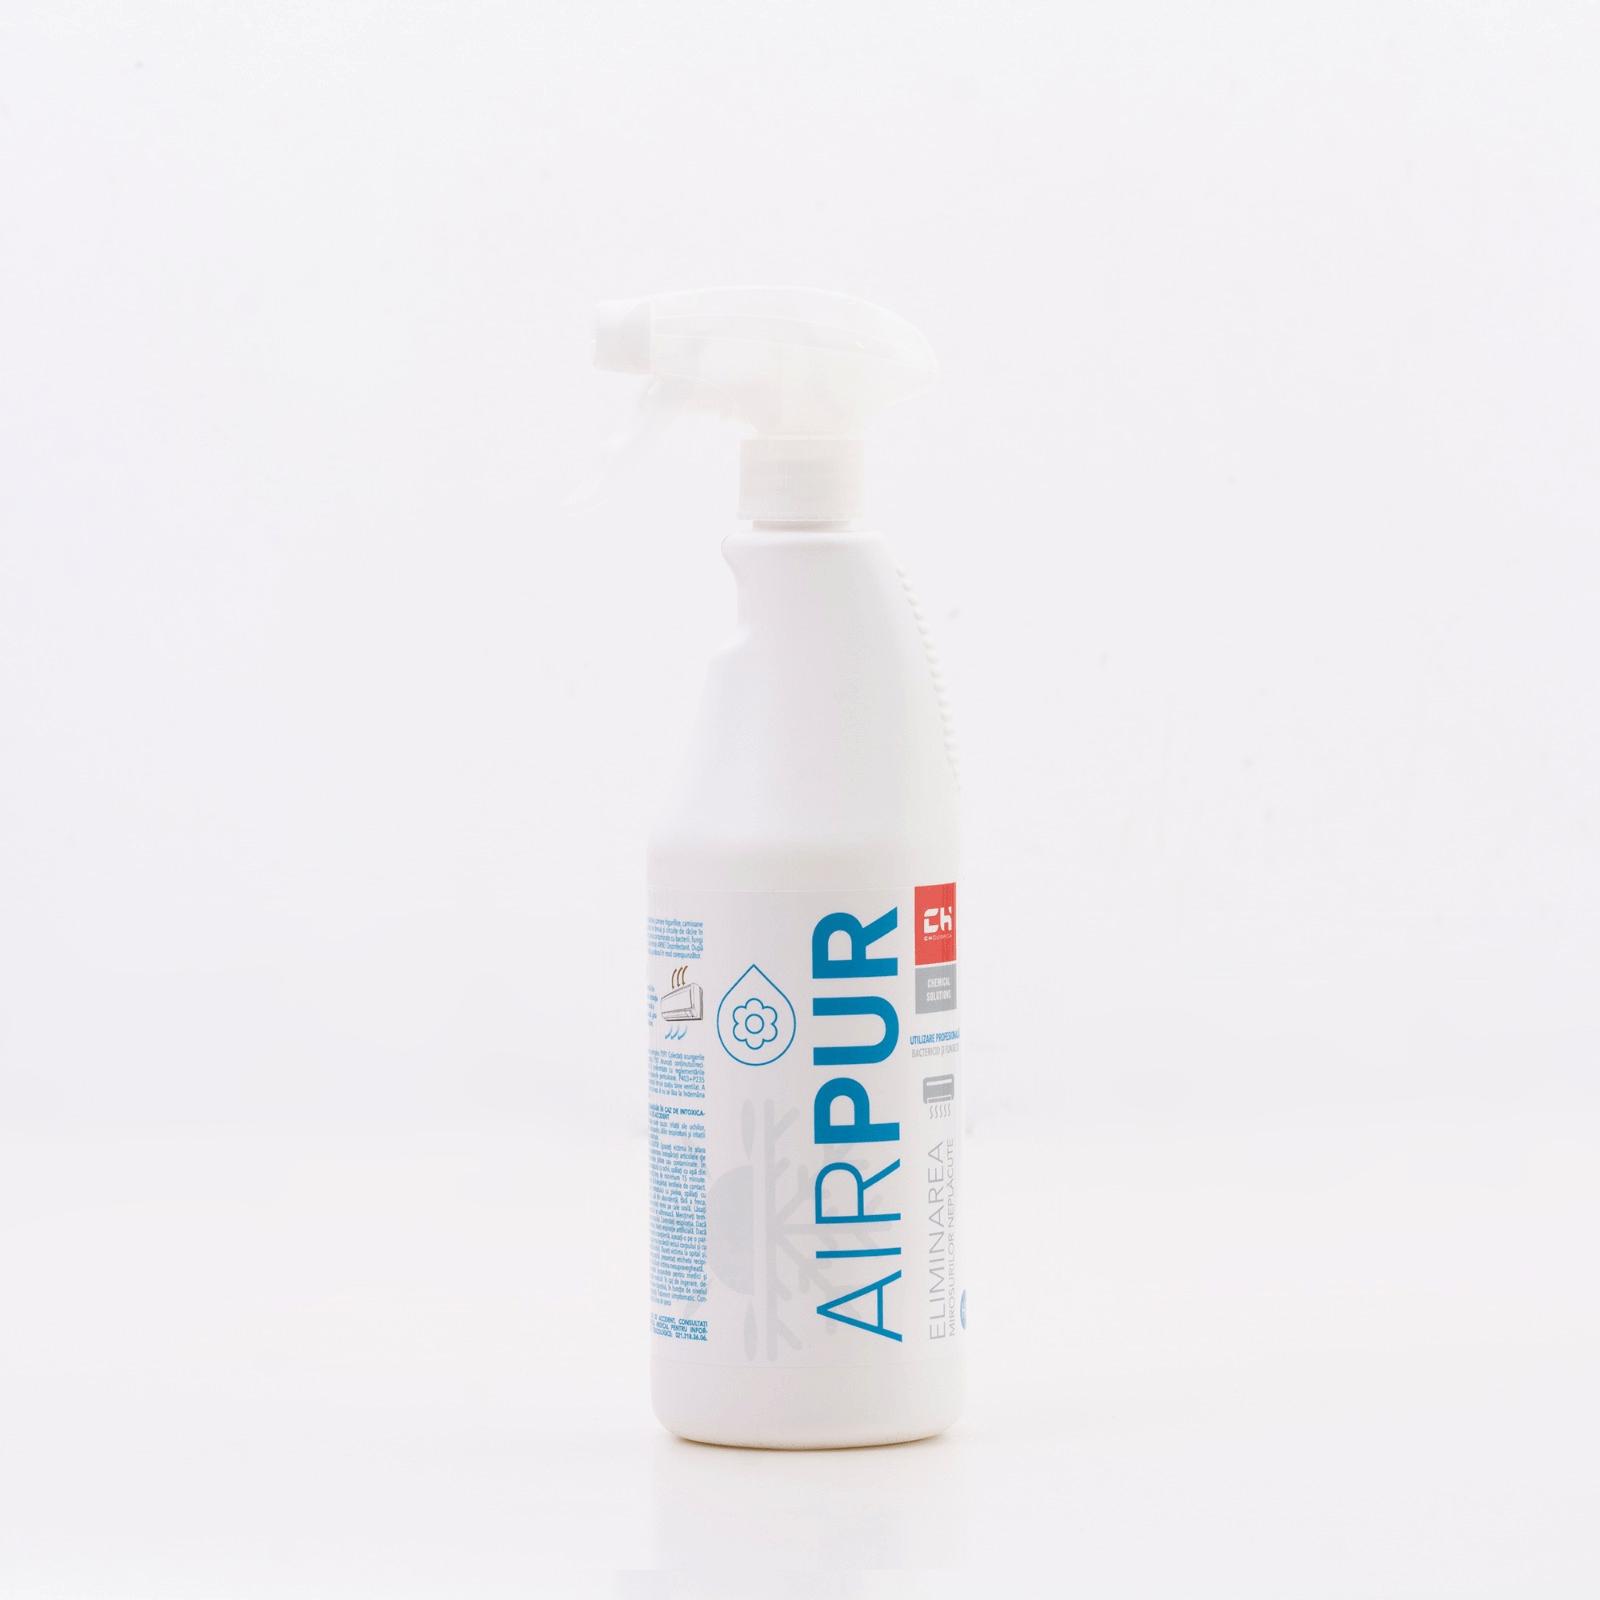 AIRPUR HA Produs de igienizare pentru eliminarea mirosurilor neplăcute din circuitele de aer condiţionat.